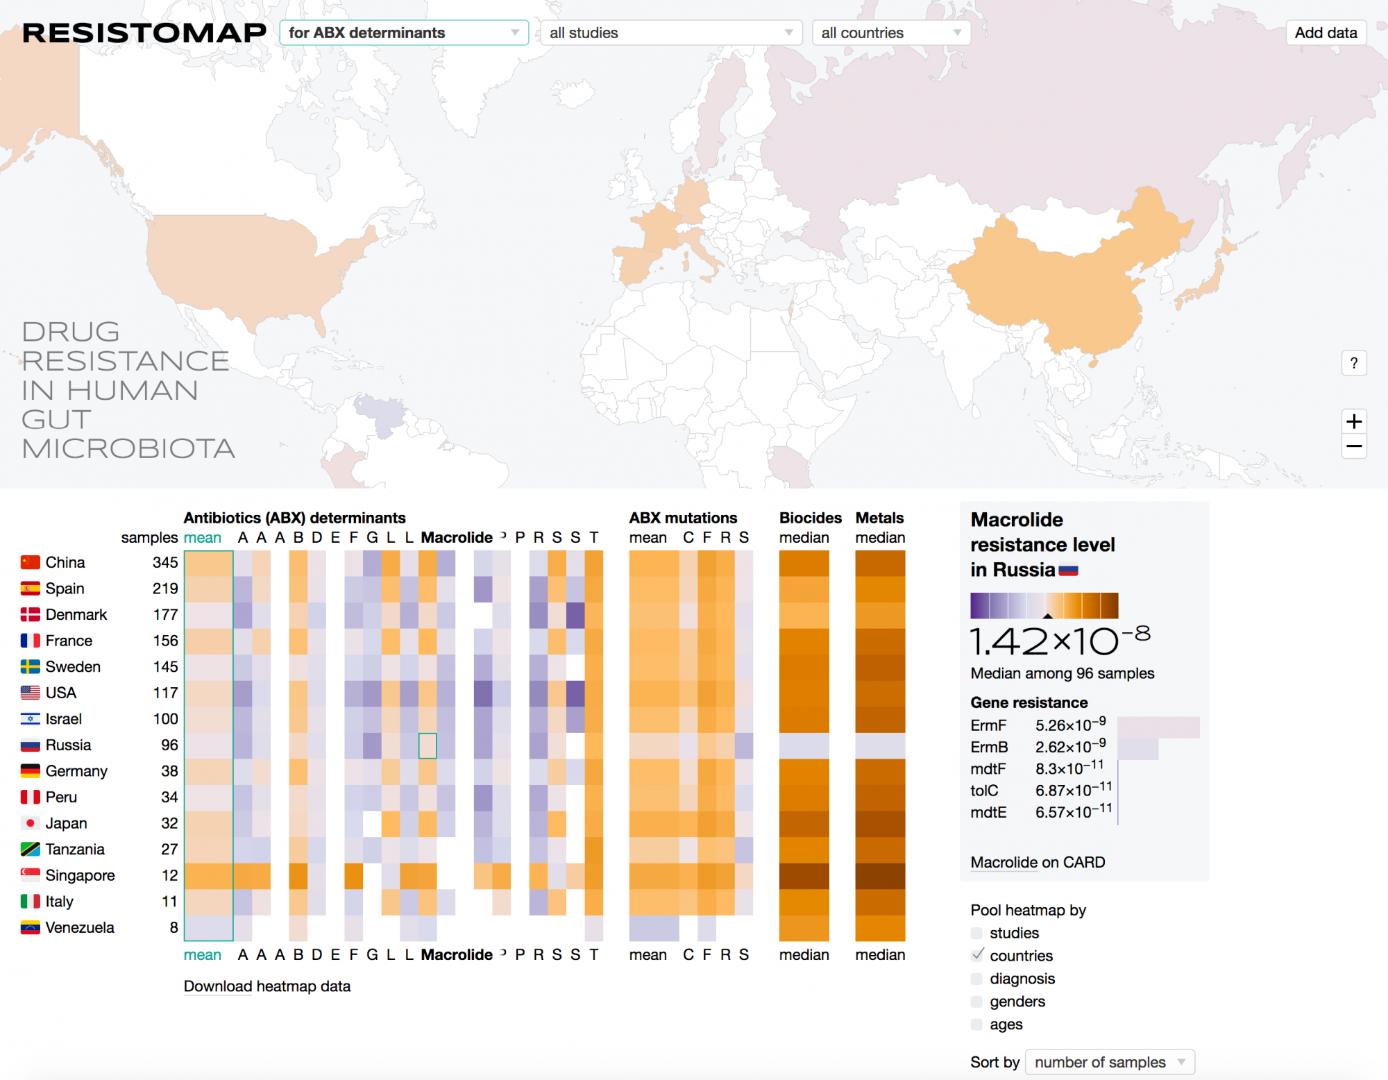 Интерактивная карта ResistoMap